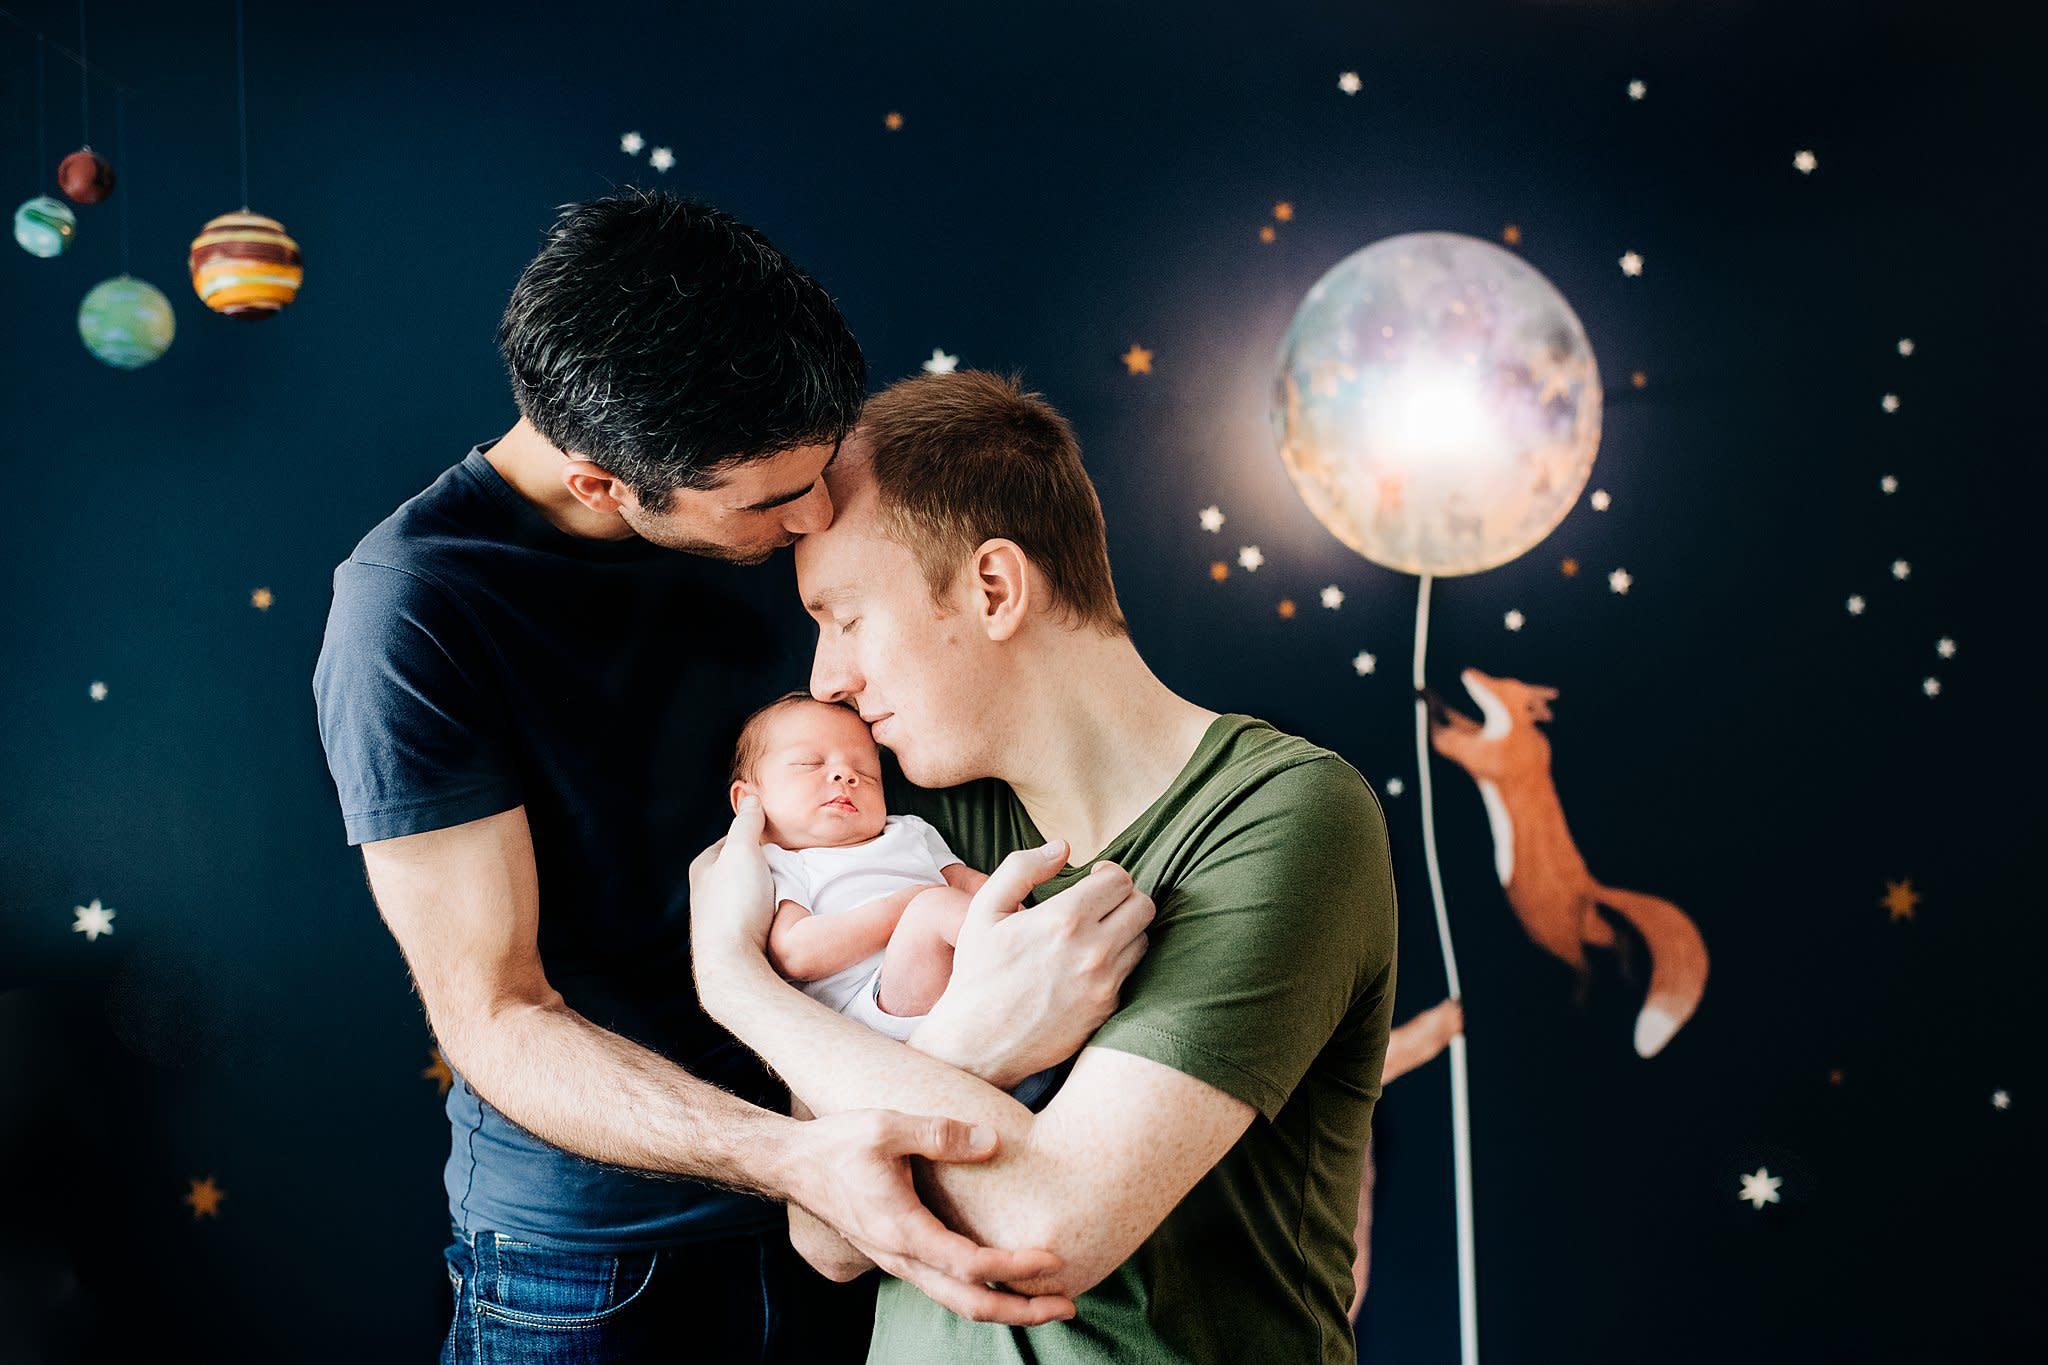 Boston Newborn, Child and family Photographer